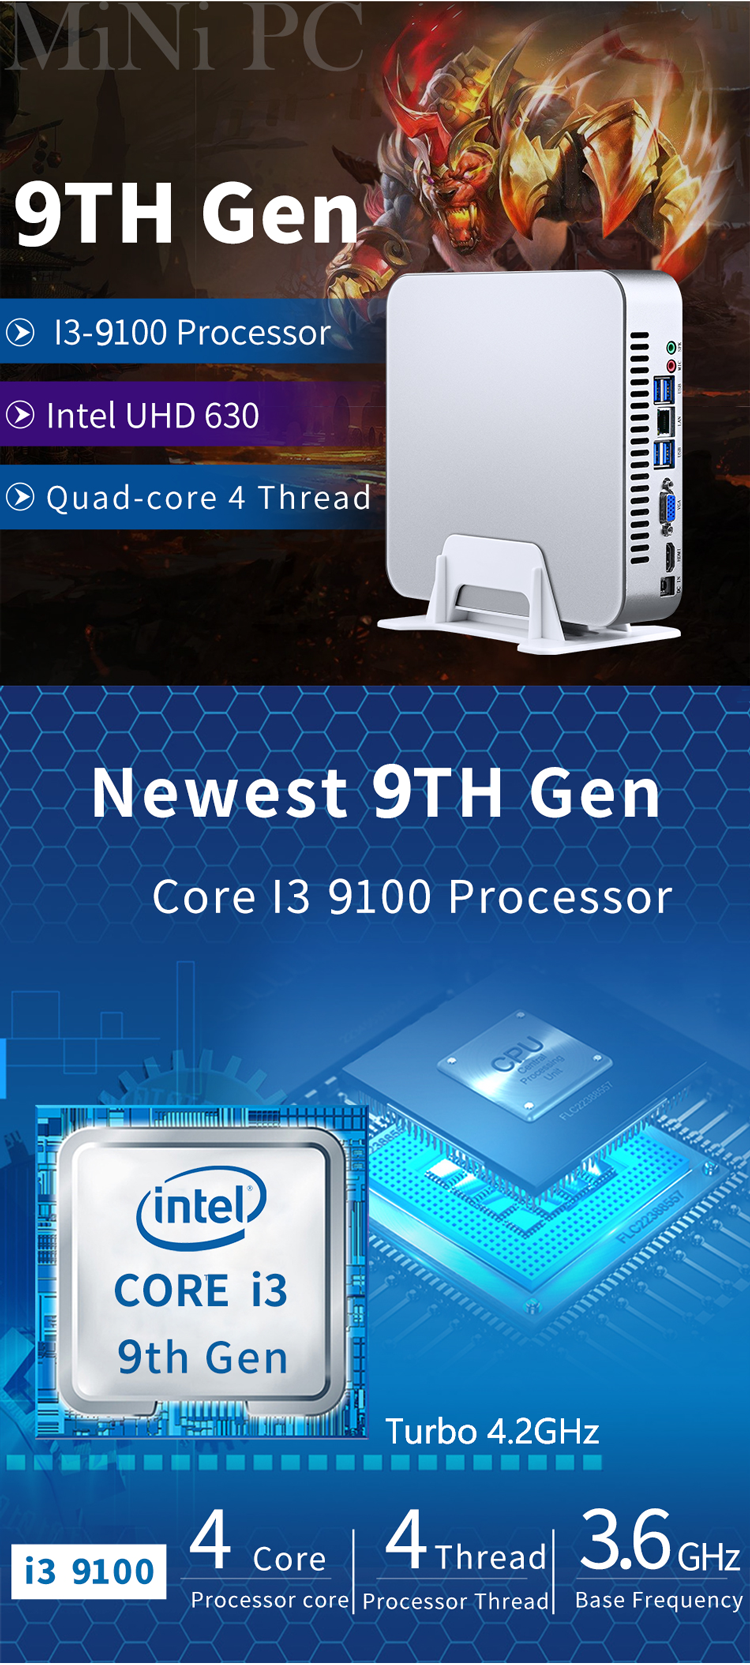 커피 호수 인텔 i3 9100 쿼드 코어 4.2GHz 클라우드 터미널 PC 서버 UHD 그래픽 630 작은 비즈니스 데스크탑 컴퓨터 게이머